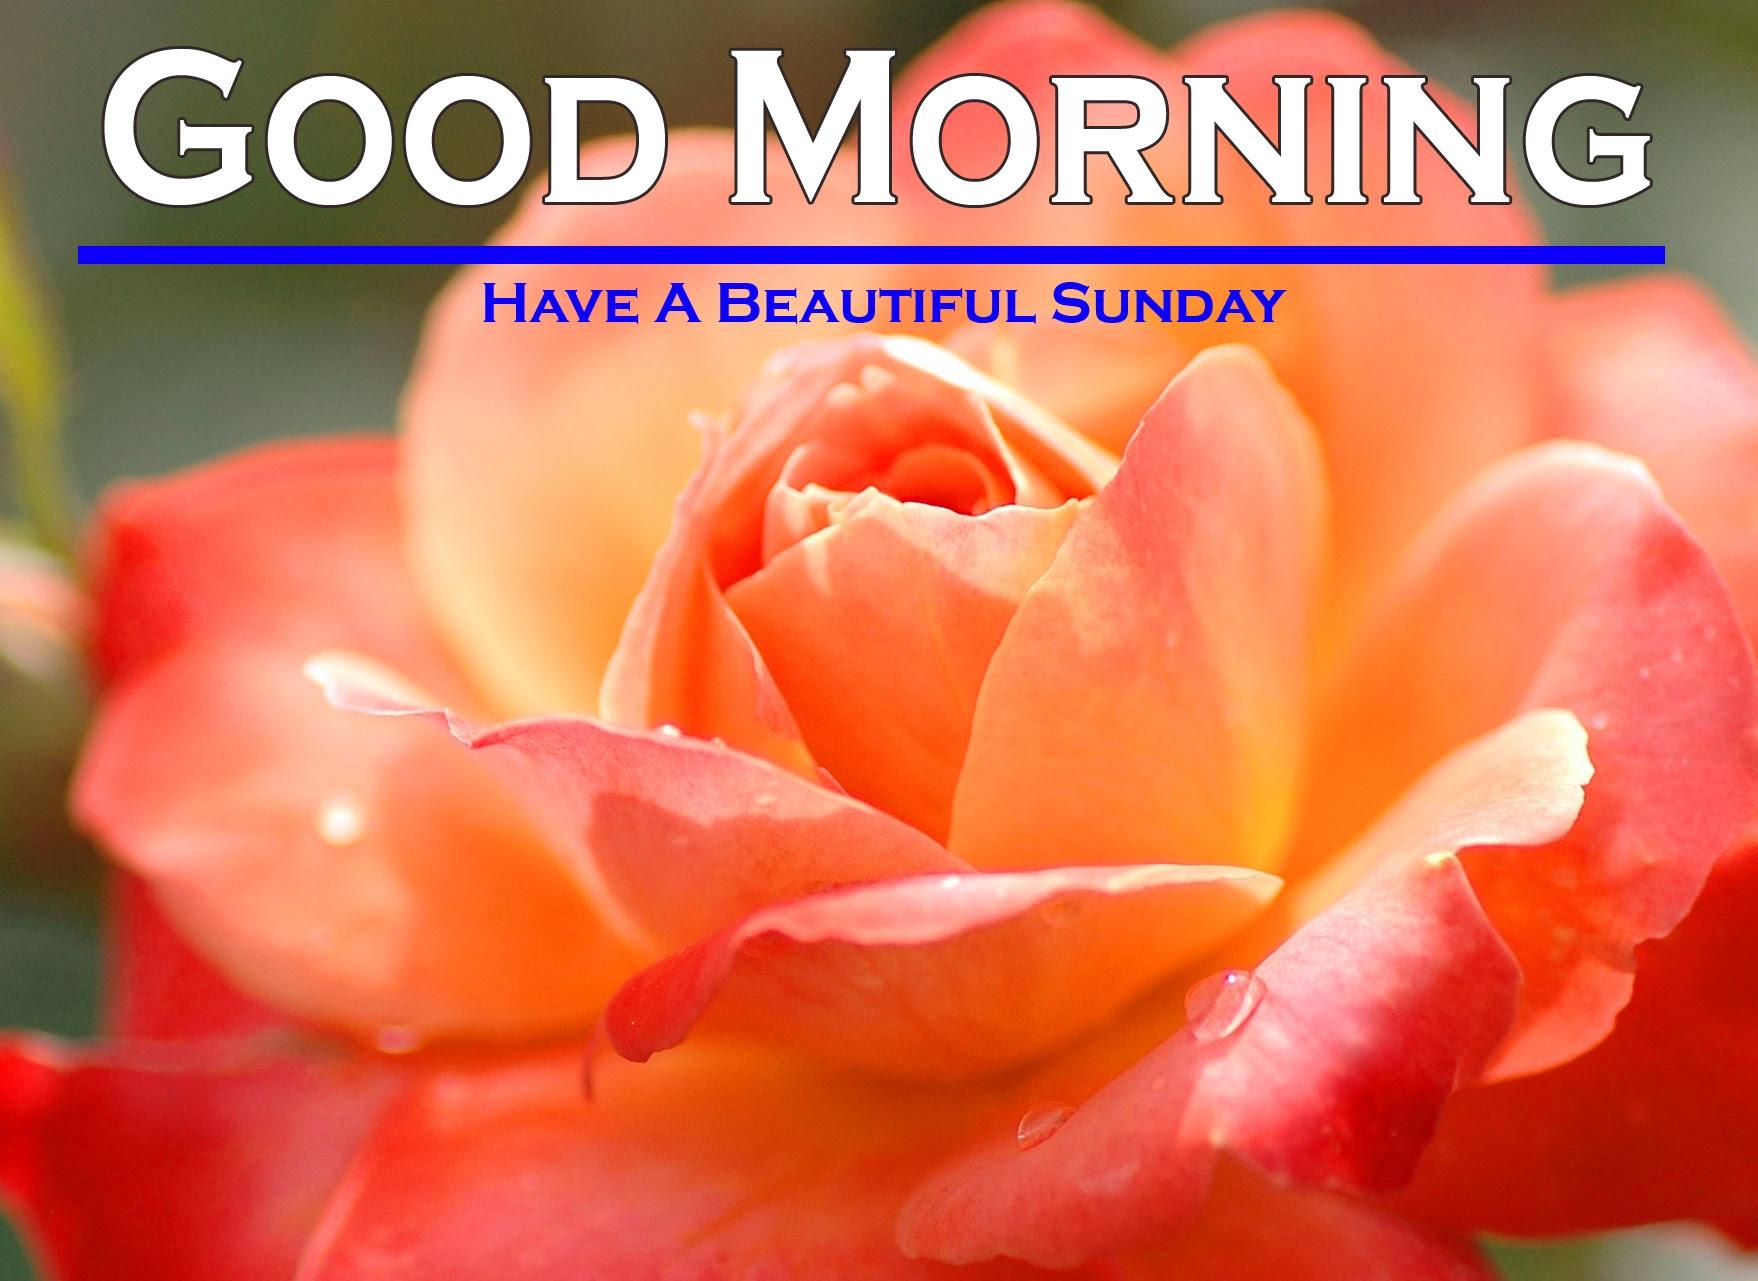 Sunday Good Morning Images 5 1